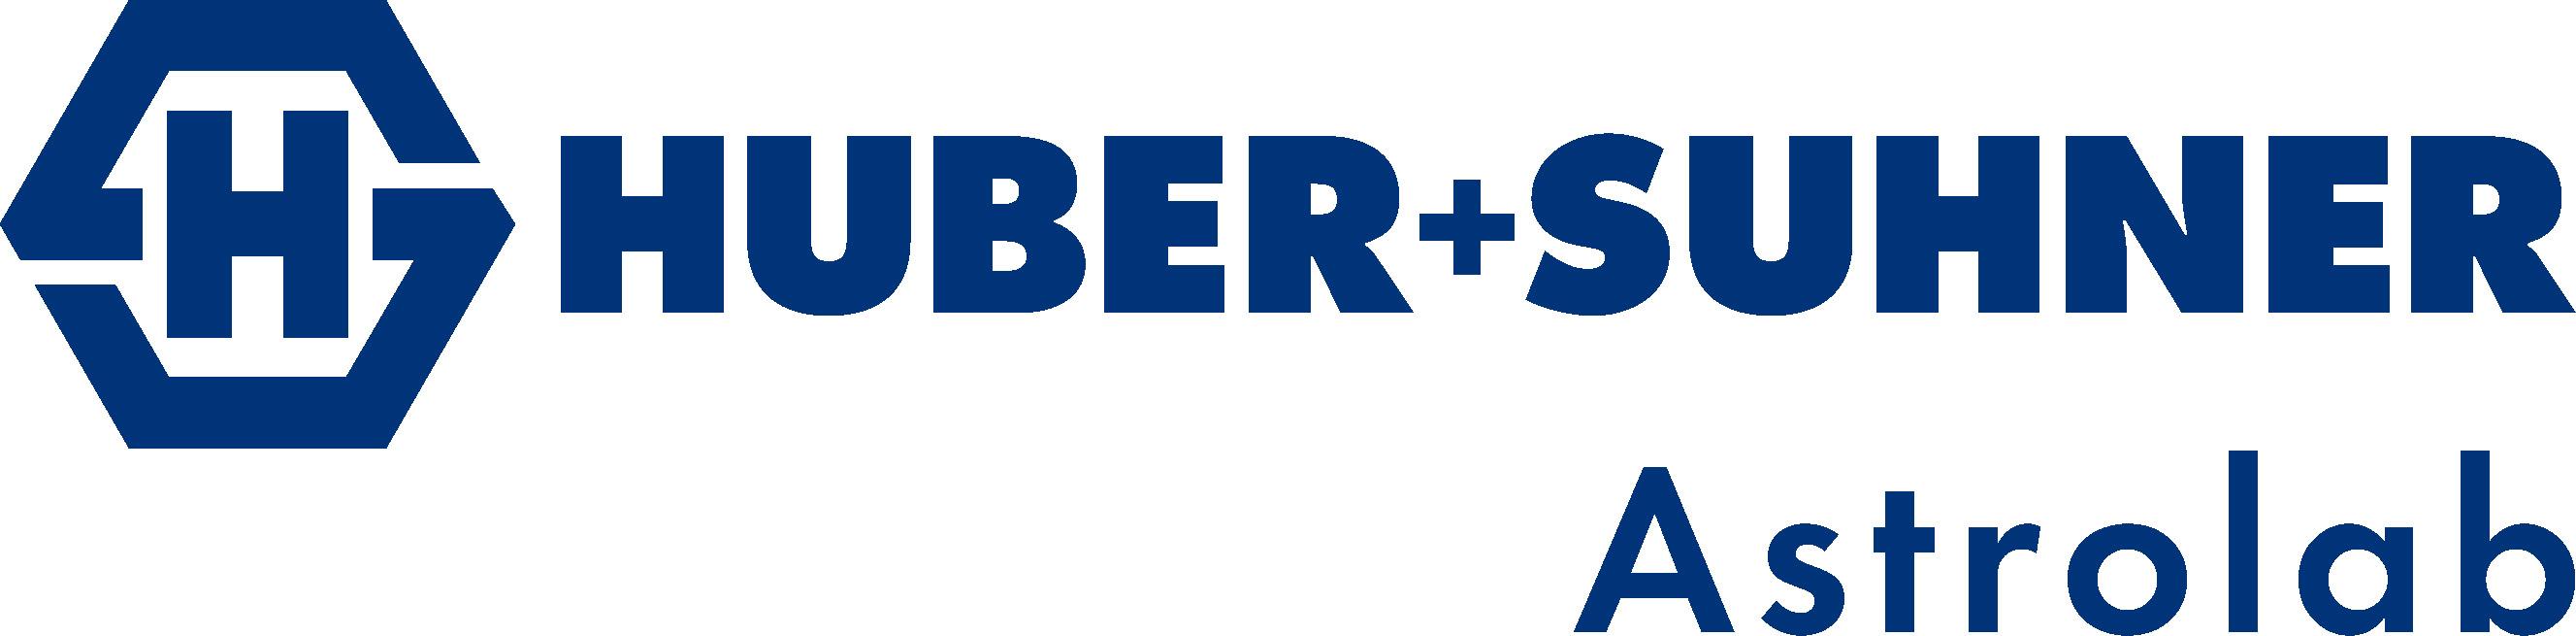 HUBER+SUHNER Astrolab